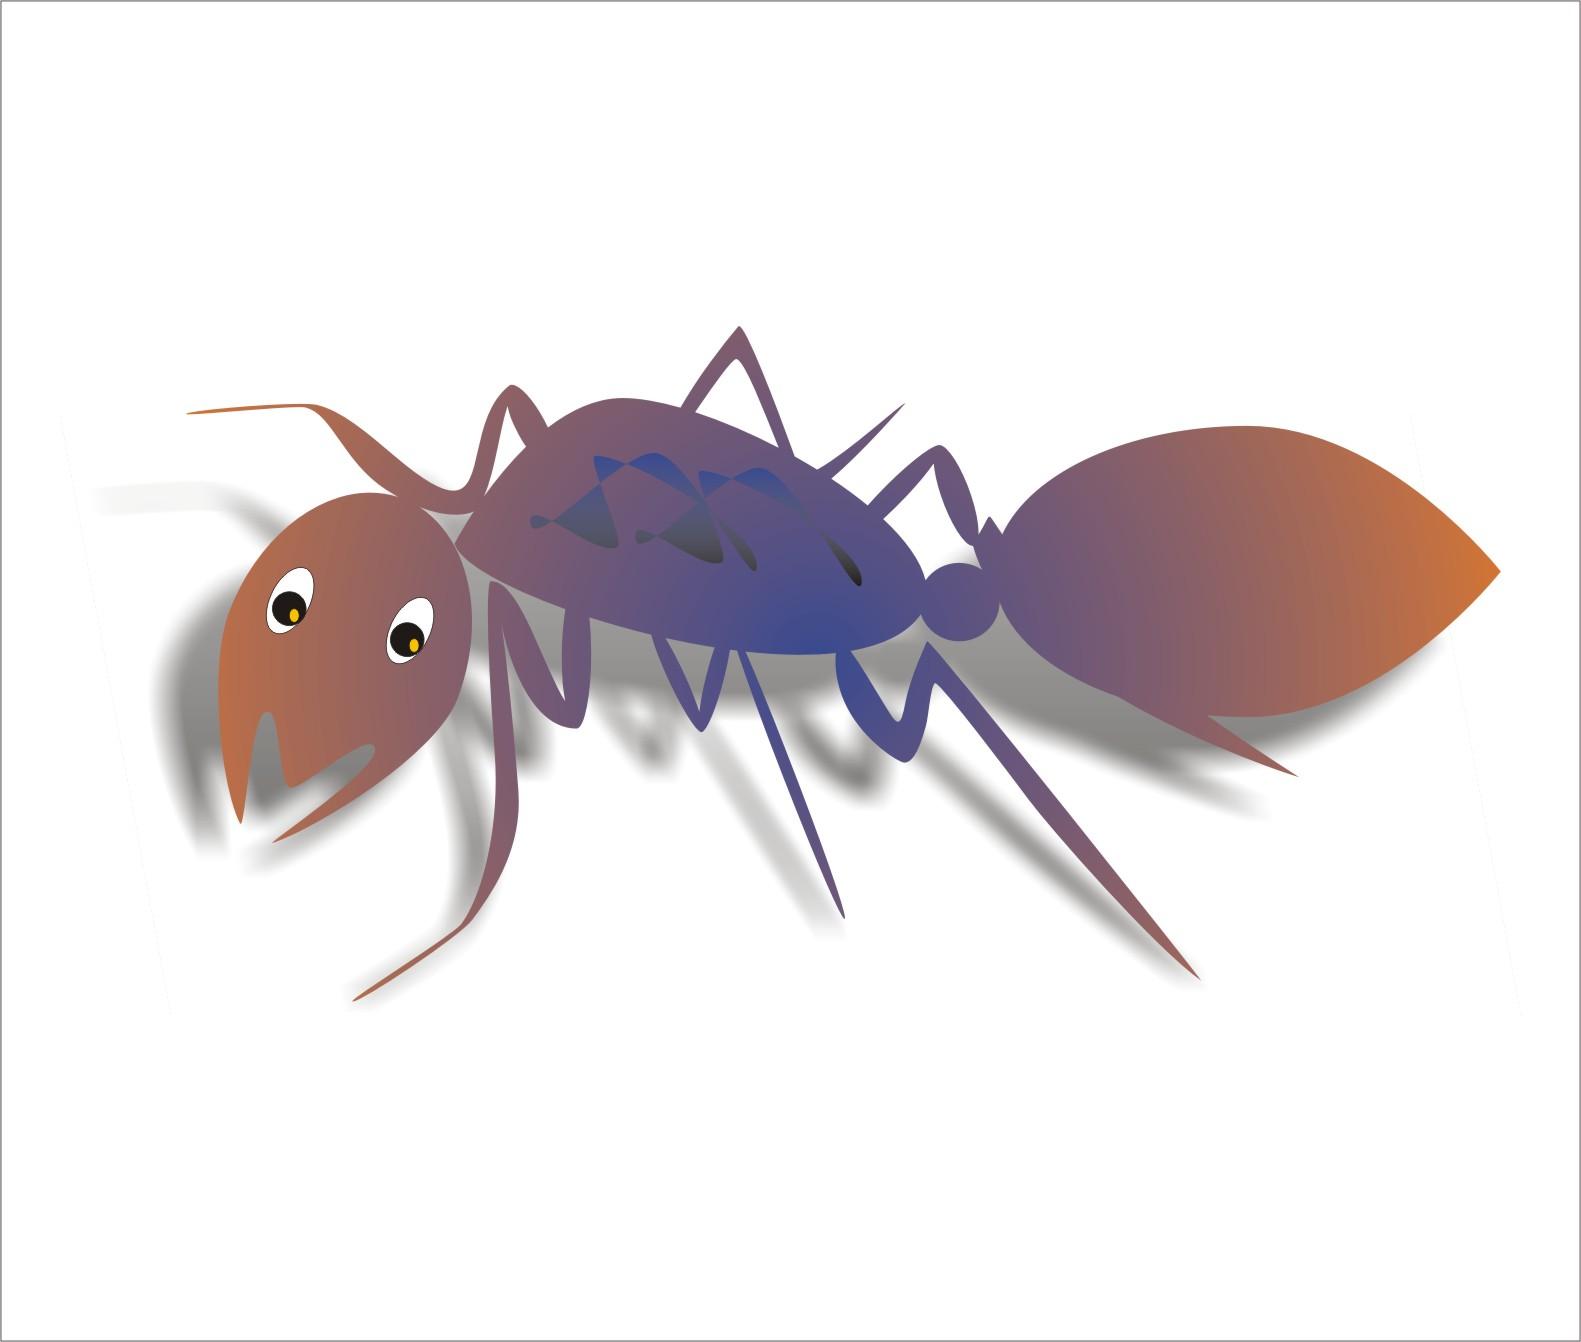 Semut Yang Bersayap Cerita Tentang Semut